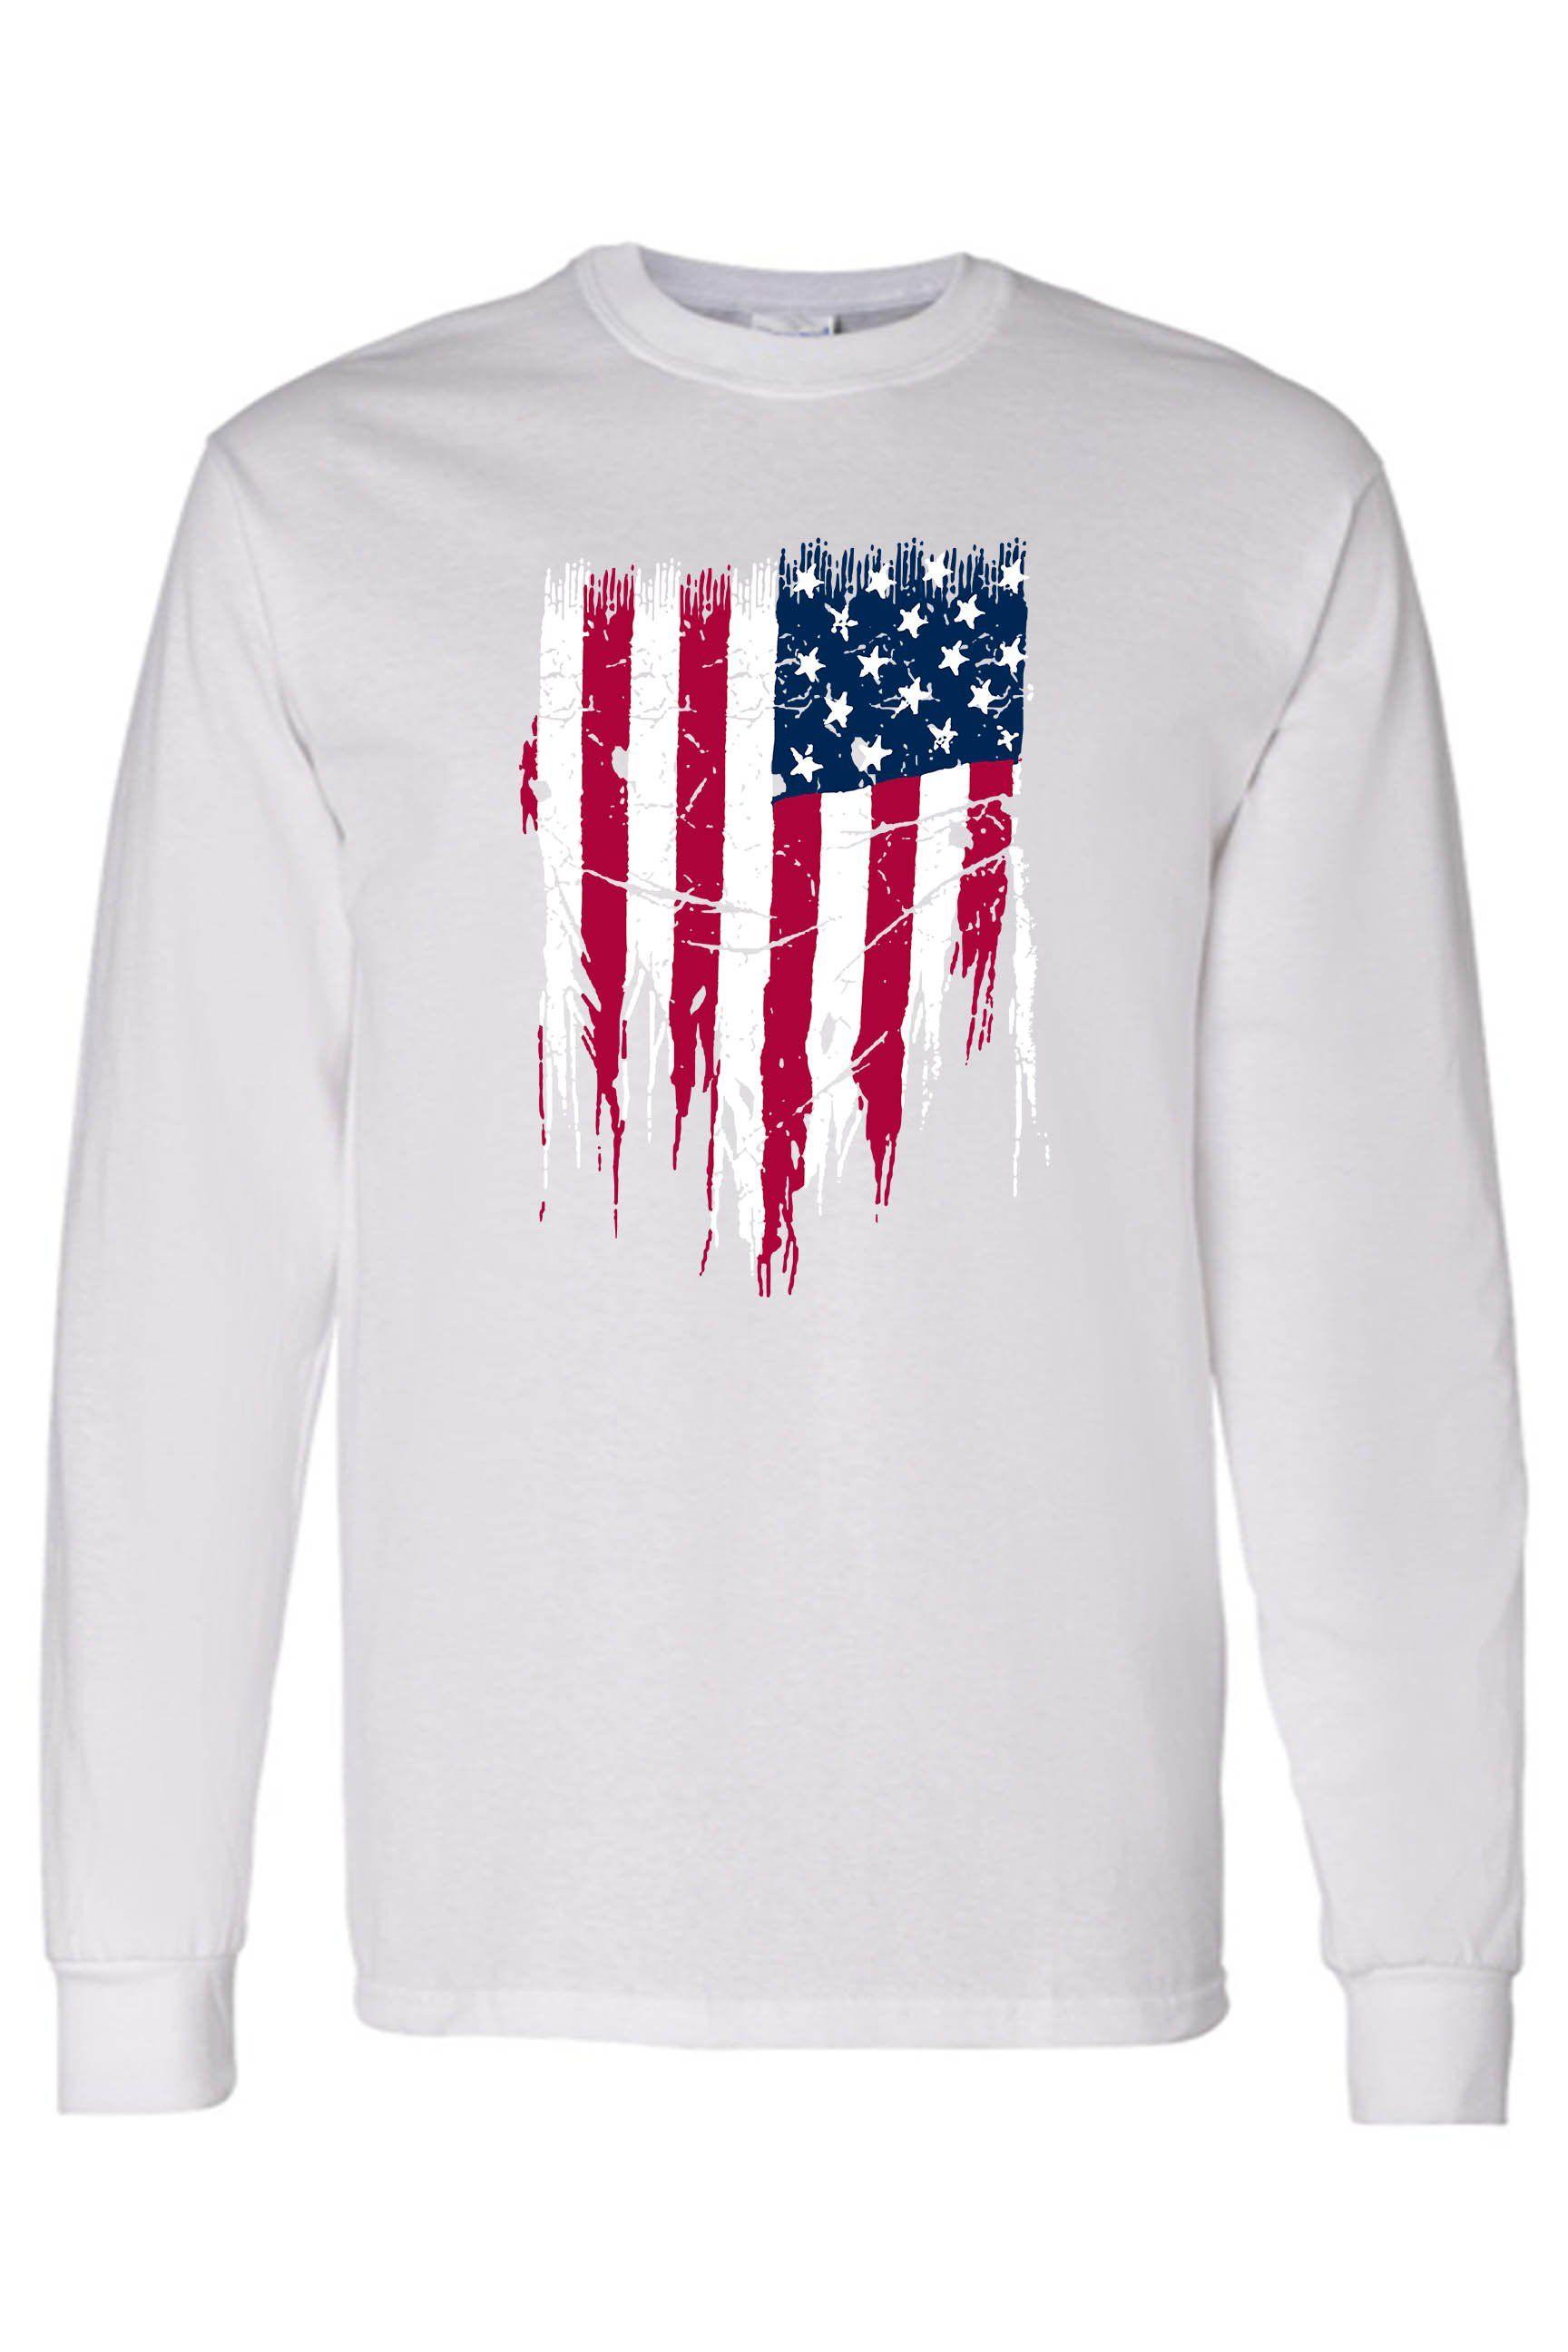 Men's/Unisex USA Flag Battle Ripped Long Sleeve T-Shirt – WHITE / Medium